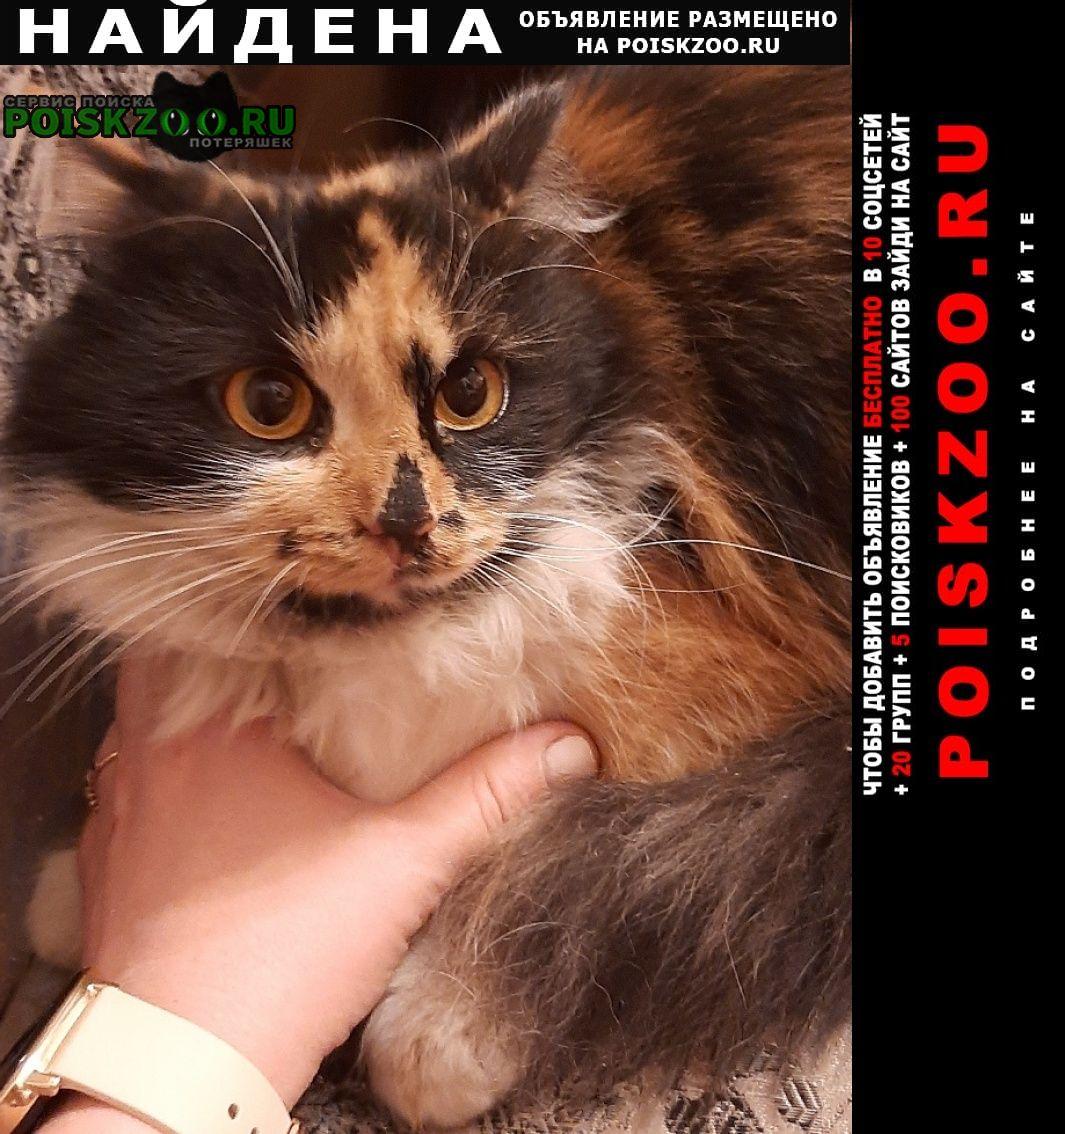 Найдена кошка ярославский район Москва